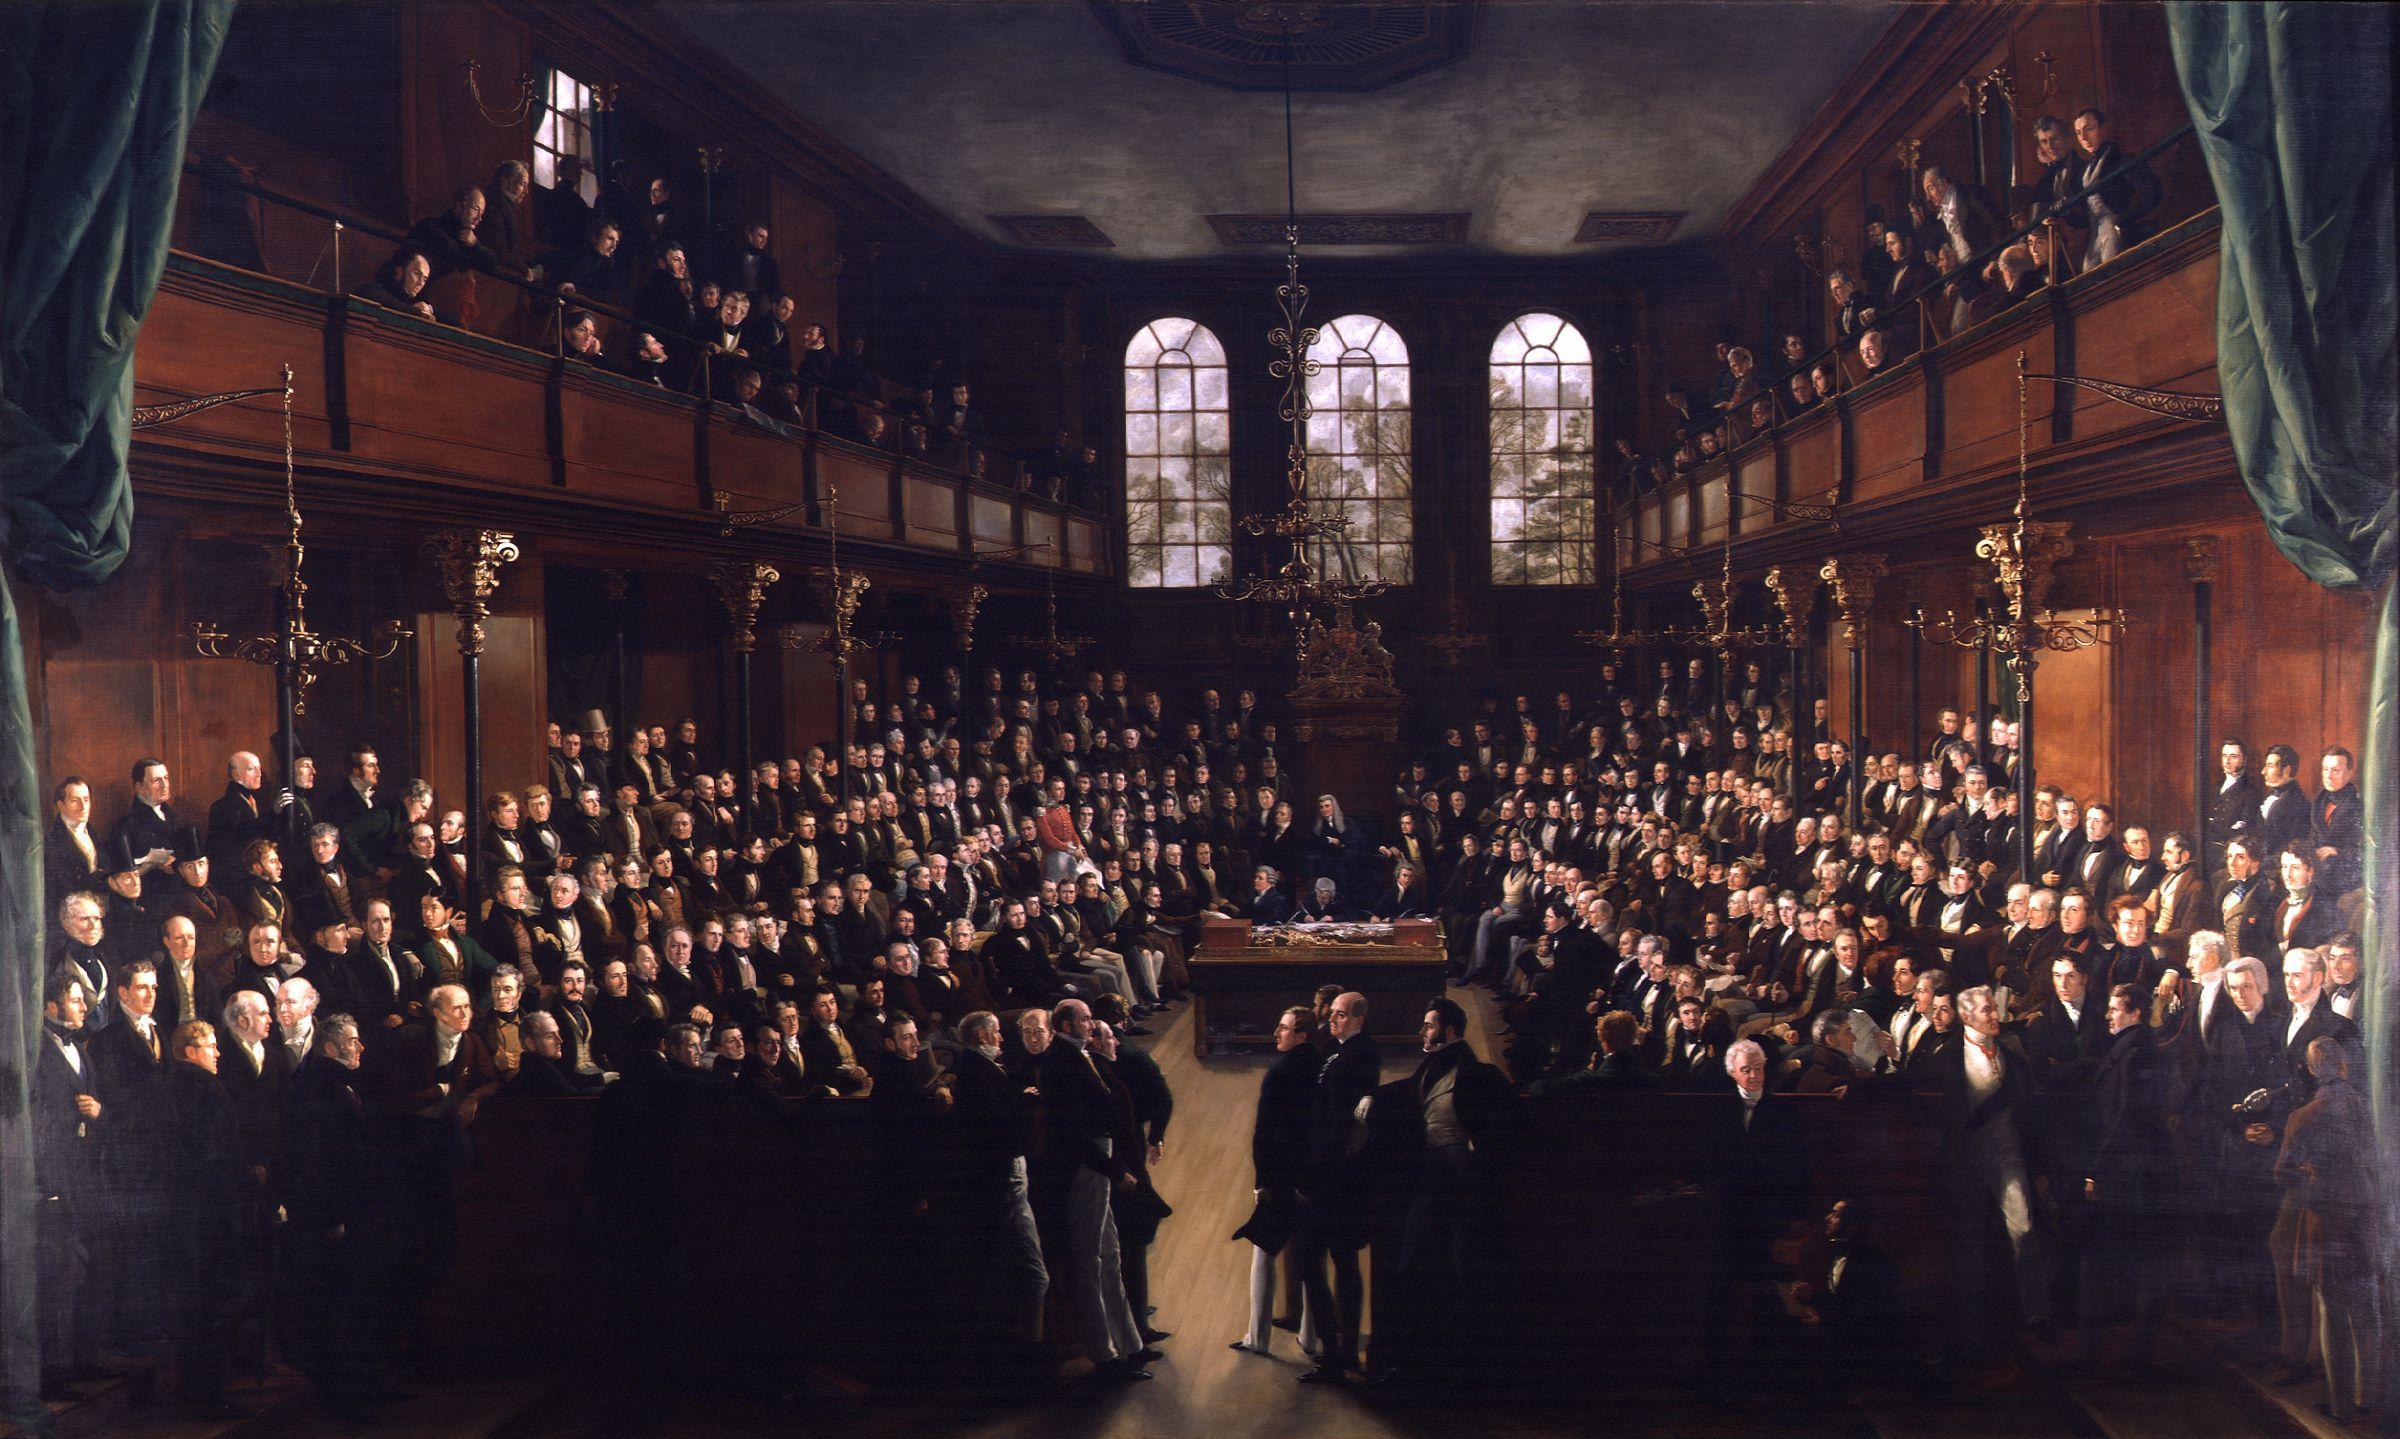 House of Commons i Storbritannien är en representativ form av demokrati. Målning från 1833 av Sir George Hayter